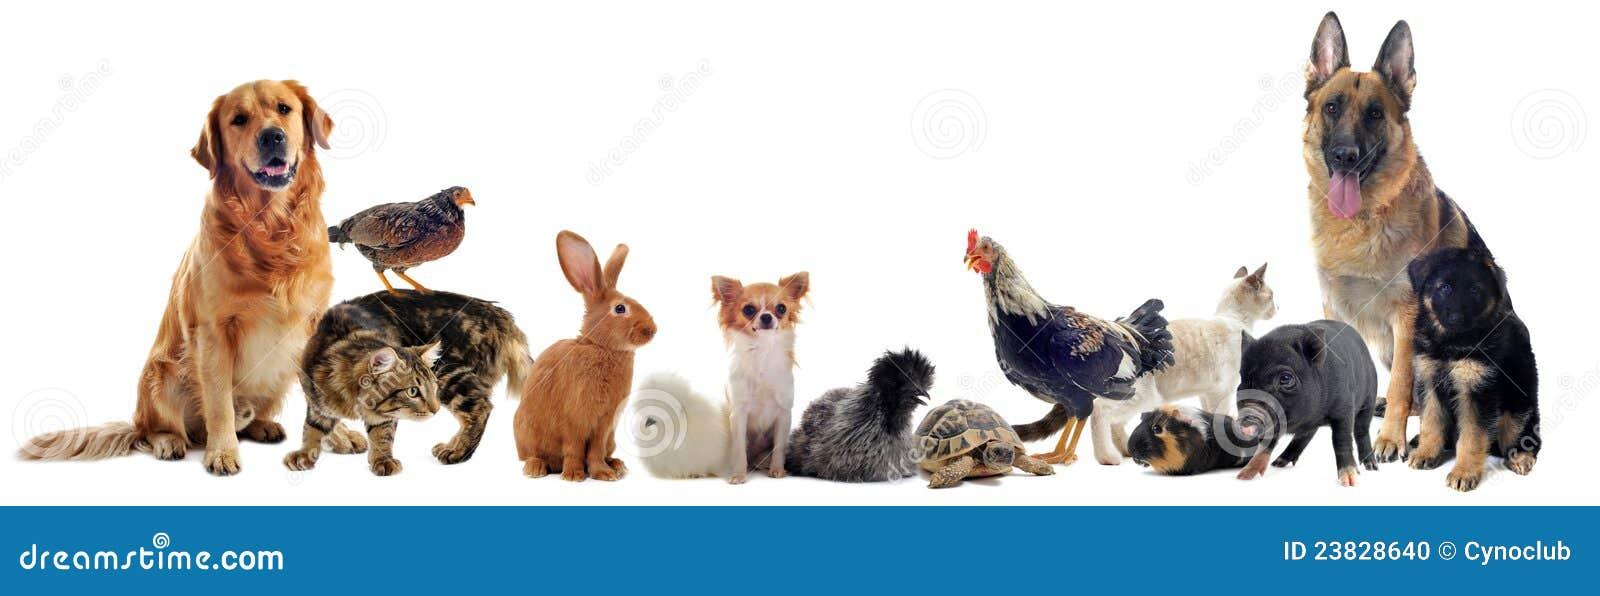 Grupo de animales domésticos